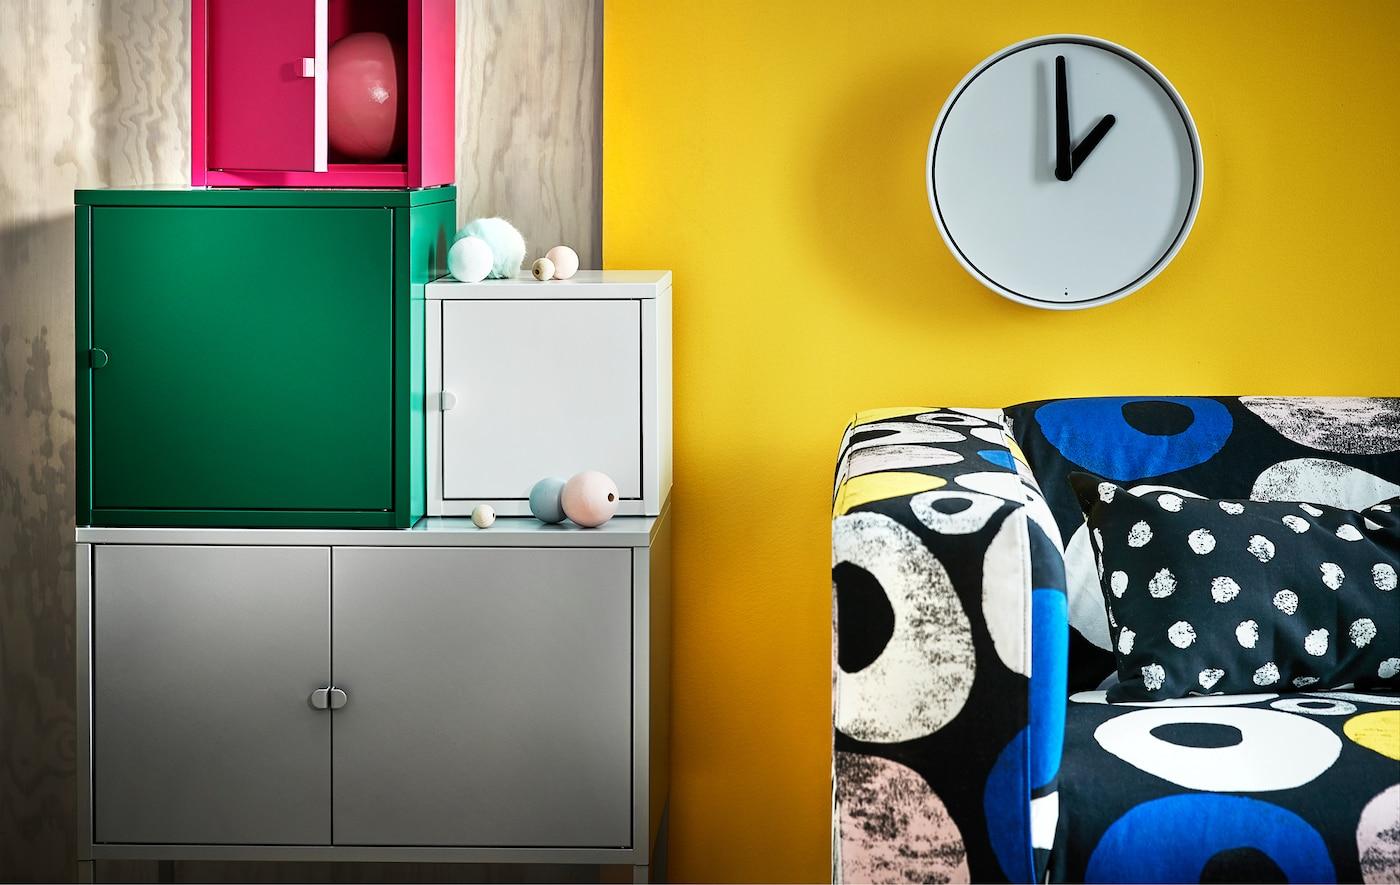 Découvrez comment marier imprimés éclatants, teintes chaudes et blocs de couleurs. Ce printemps, la grande tendance pour l'intérieur est aux couleurs et à l'espièglerie. Pourquoi ne pas associer des rangements LIXHULT ou tester notre nouvelle housse KLIPPAN multicolore?